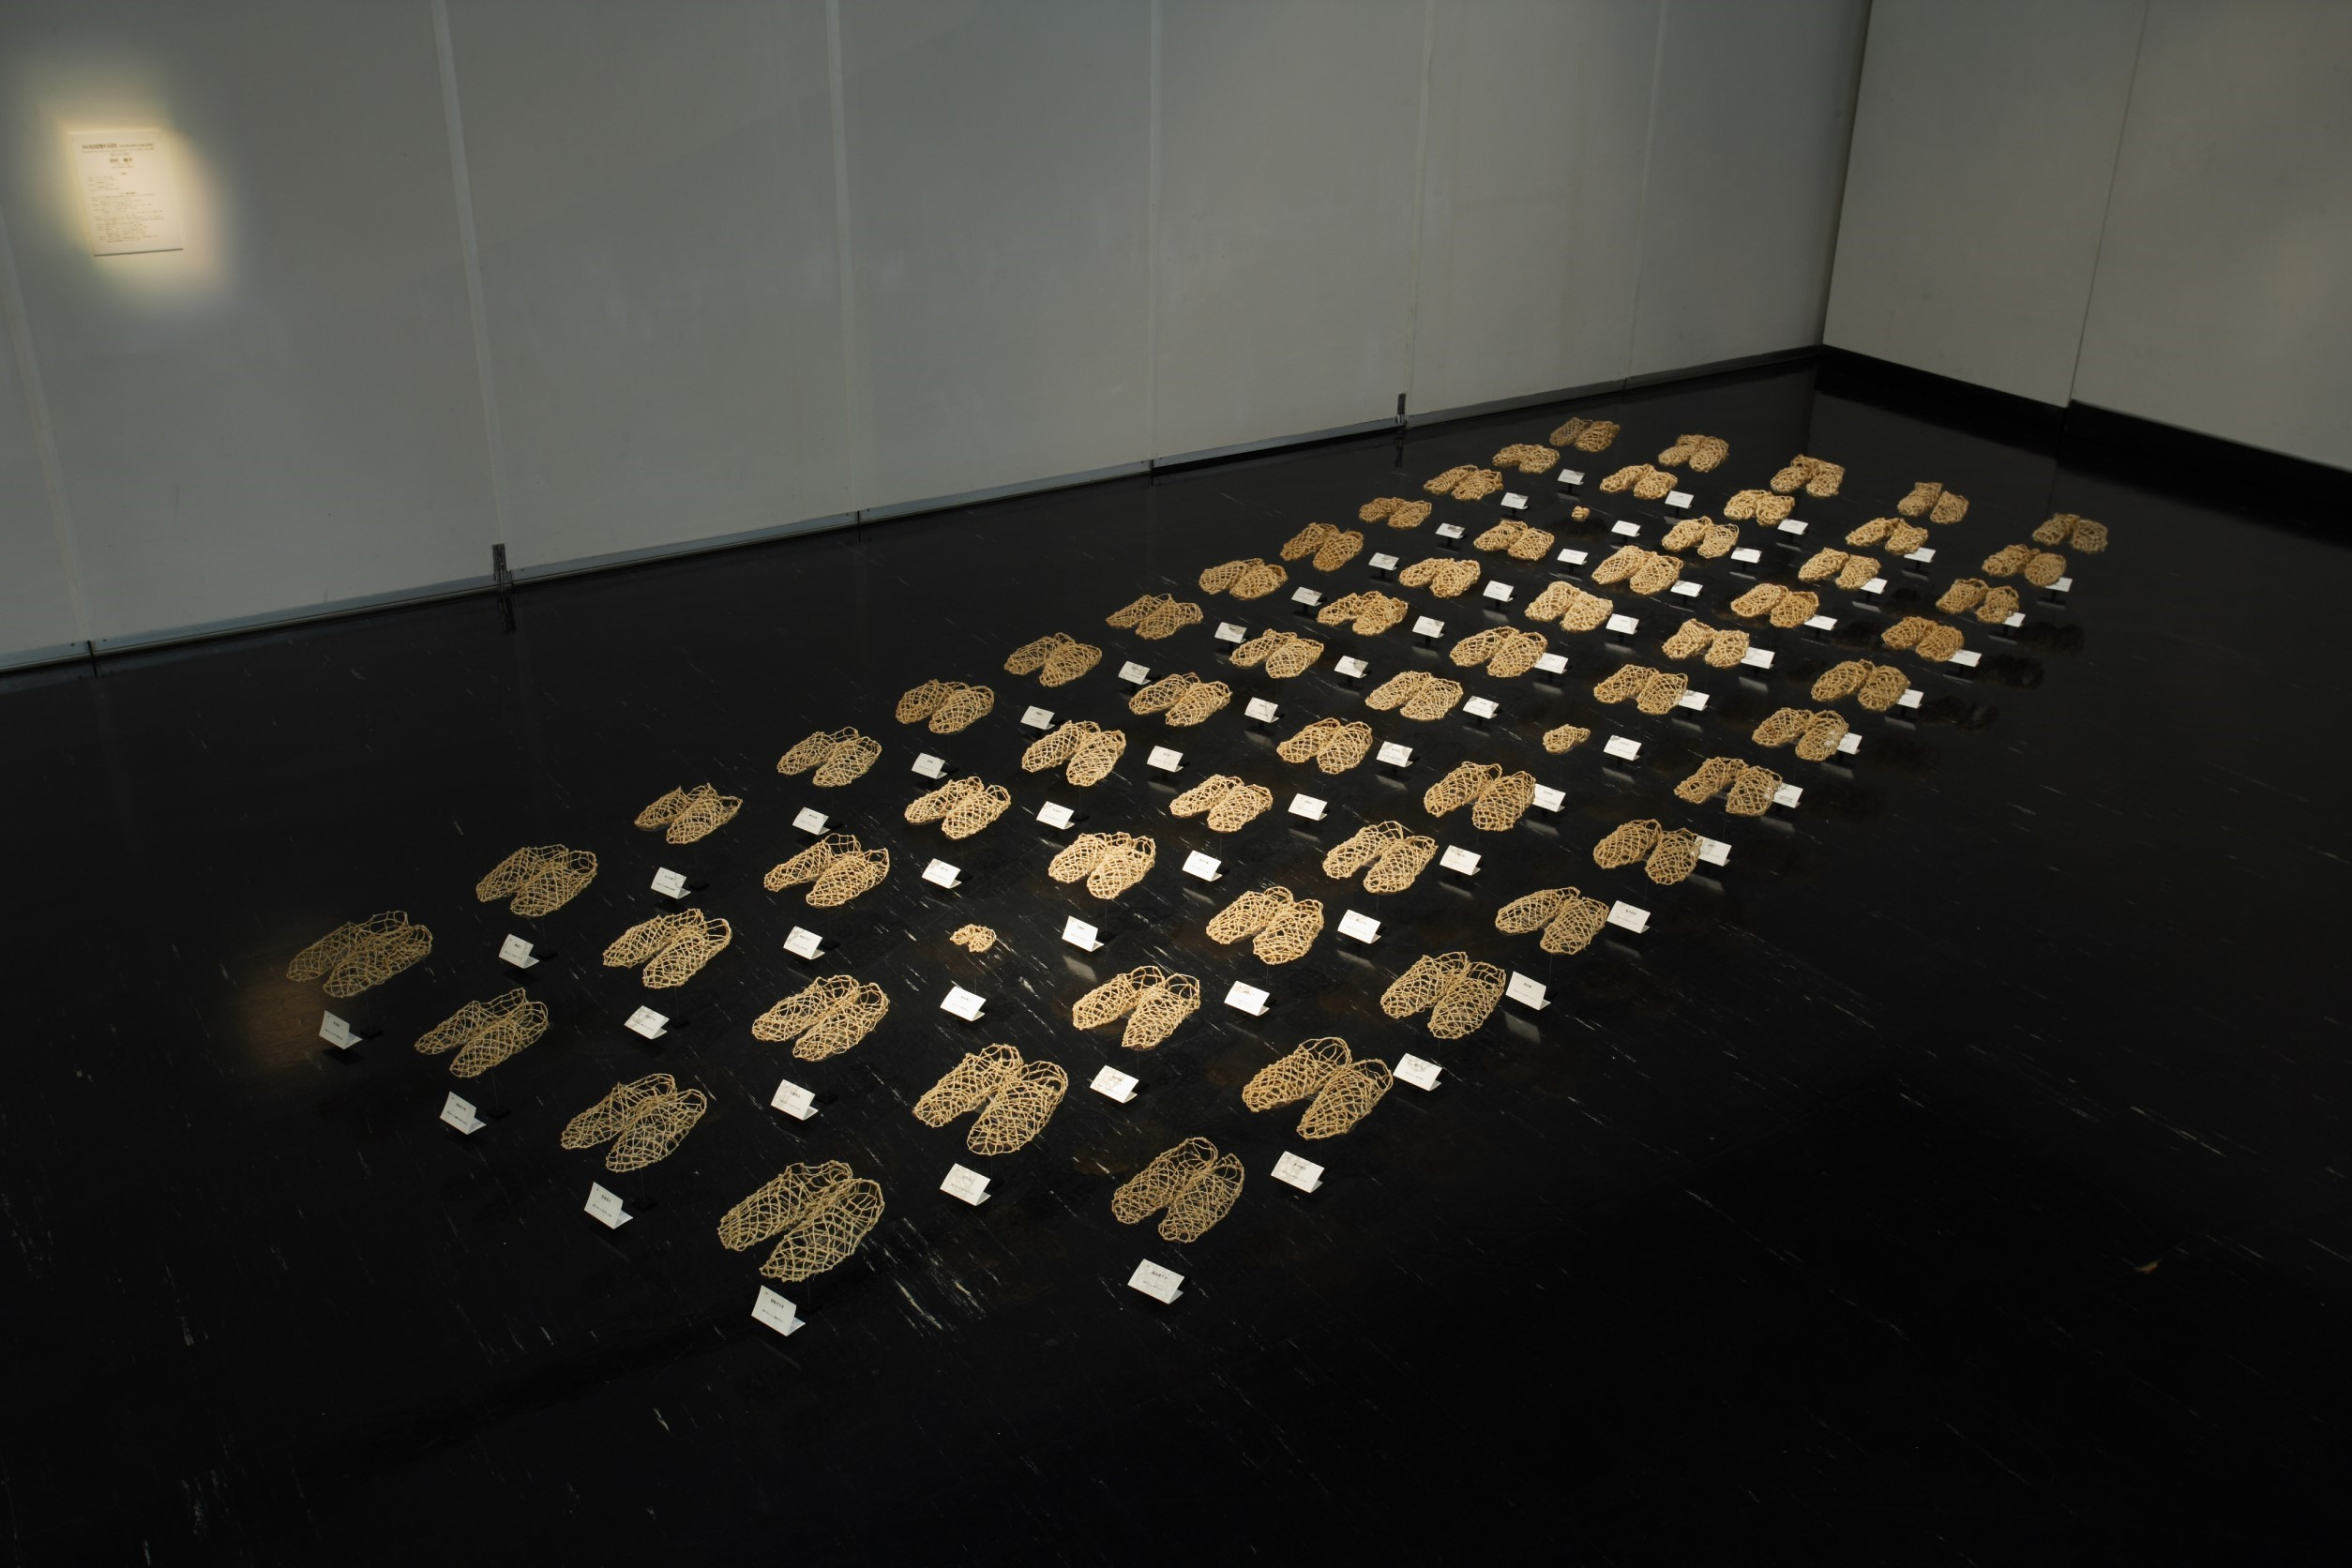 HOKKAIDO THREE-DIMENSIONAL ART '08-64 persons' foot shapes that evoke memories-